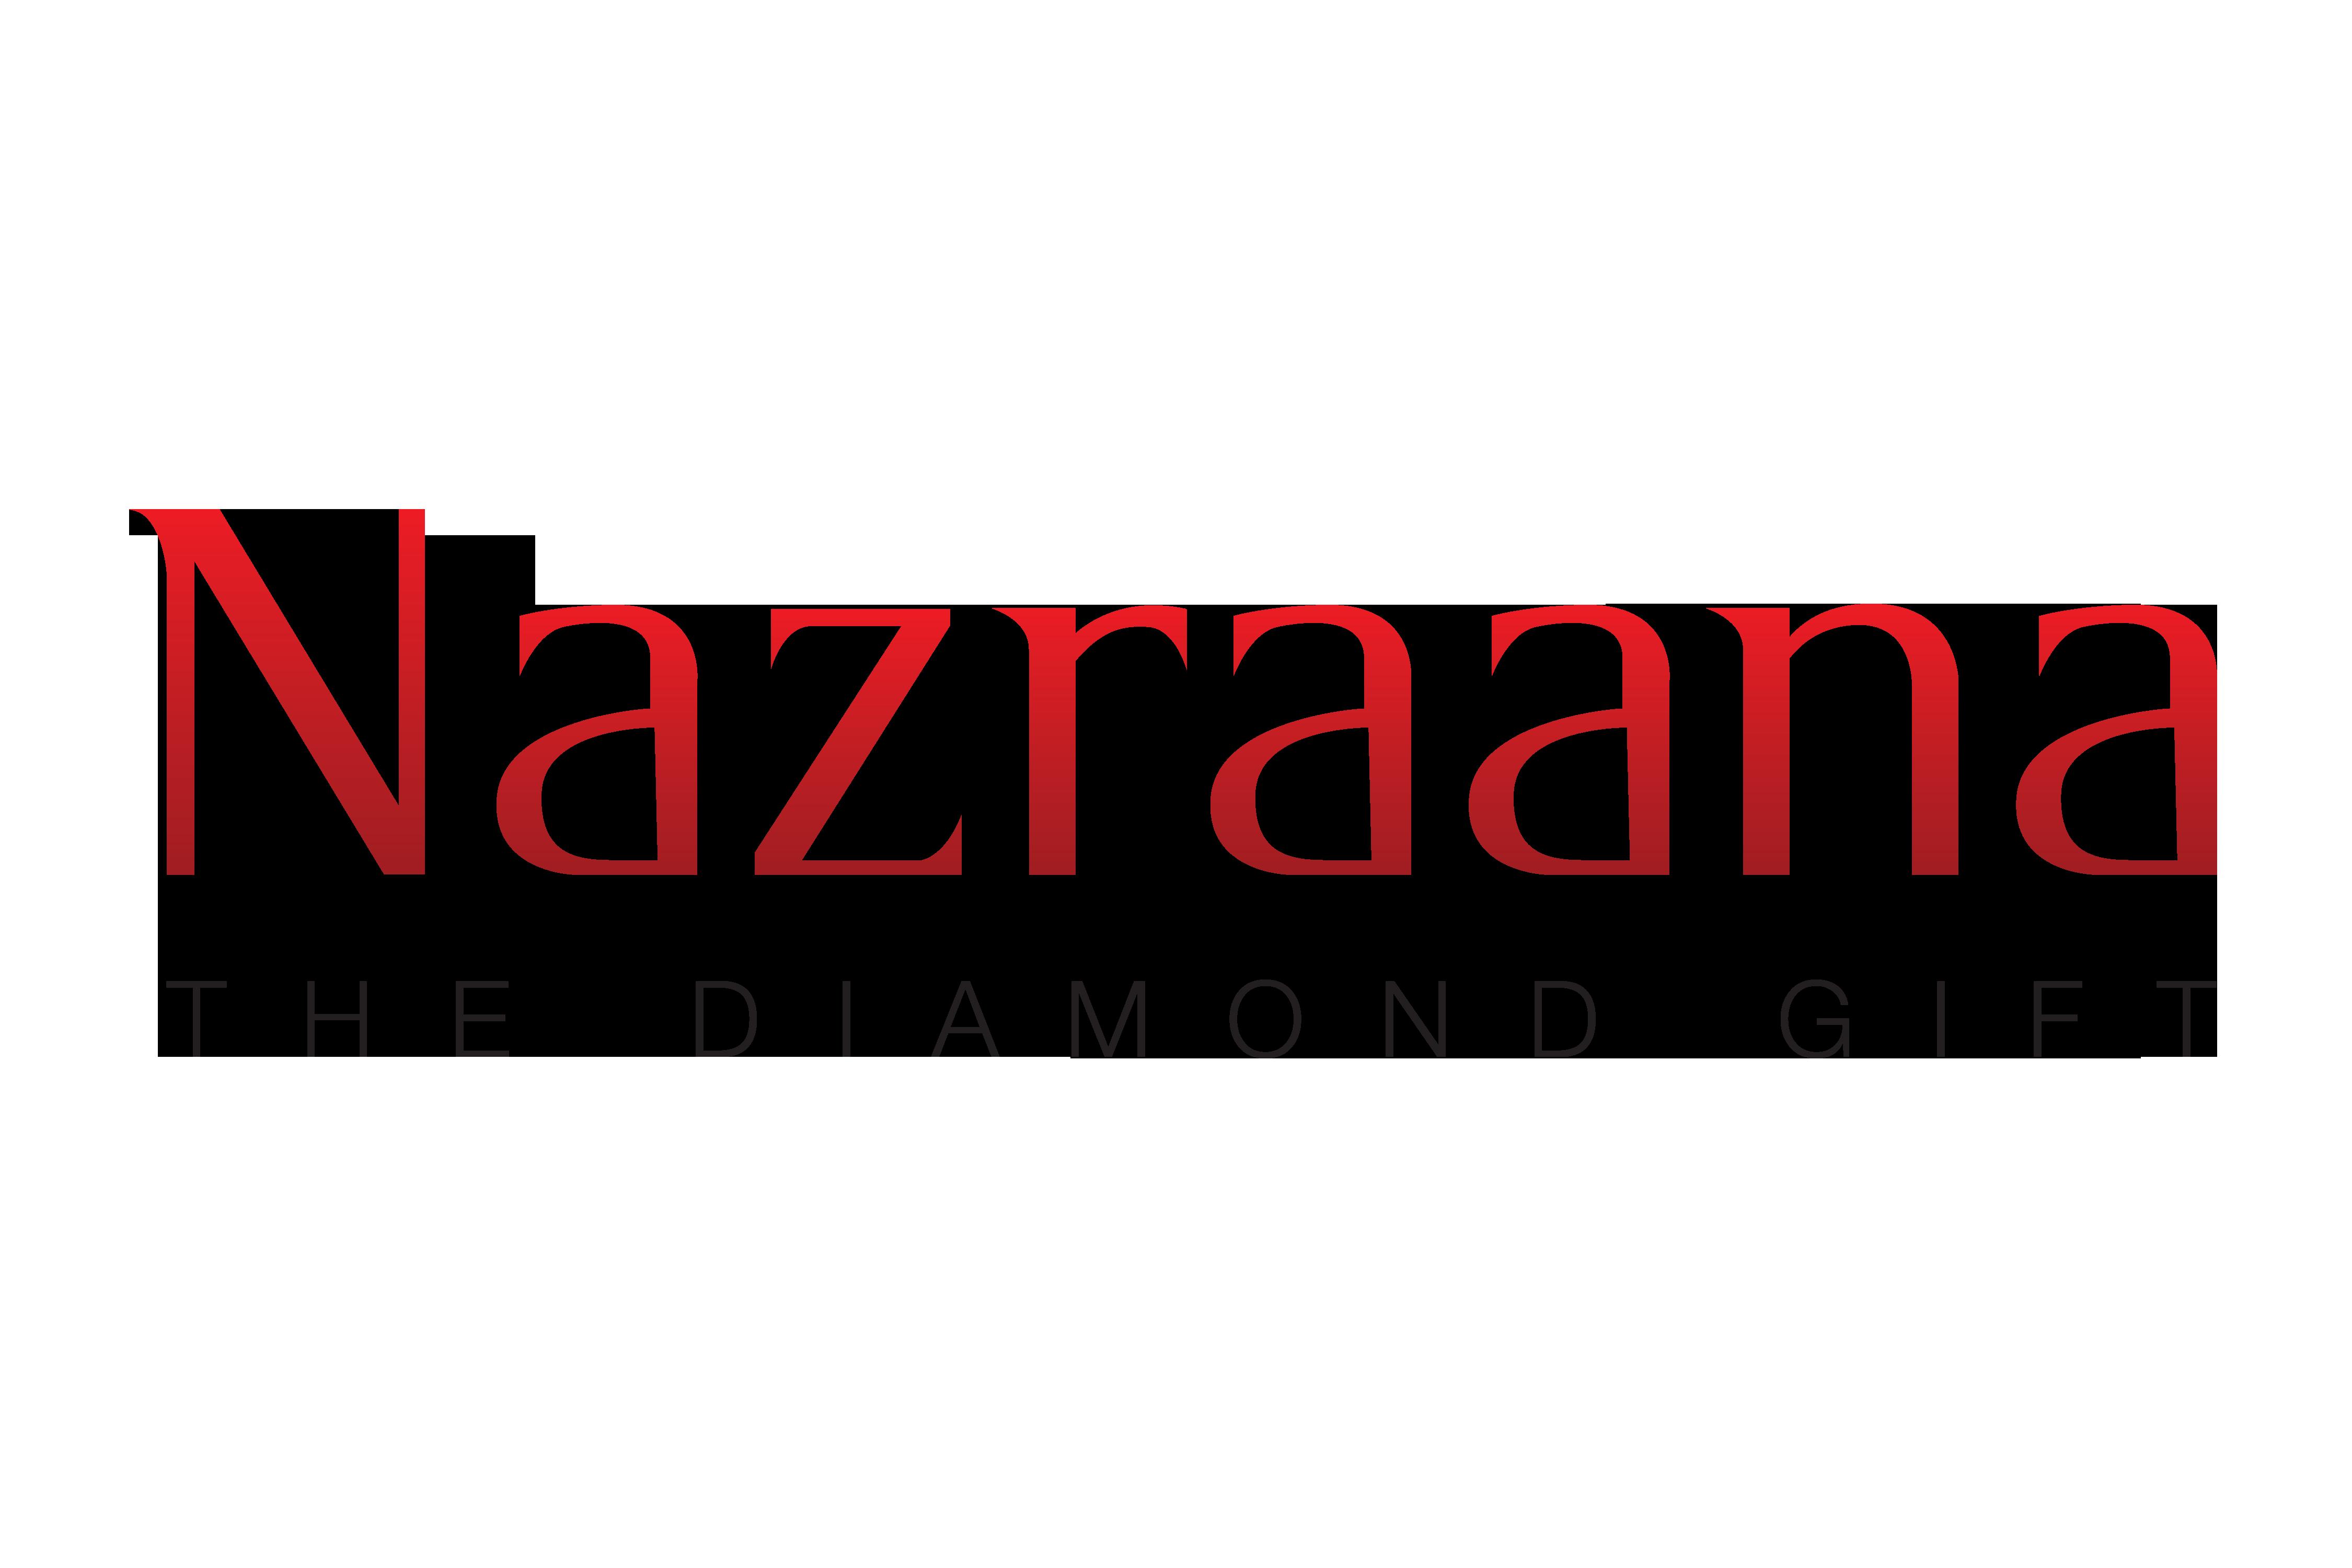 Nazraana